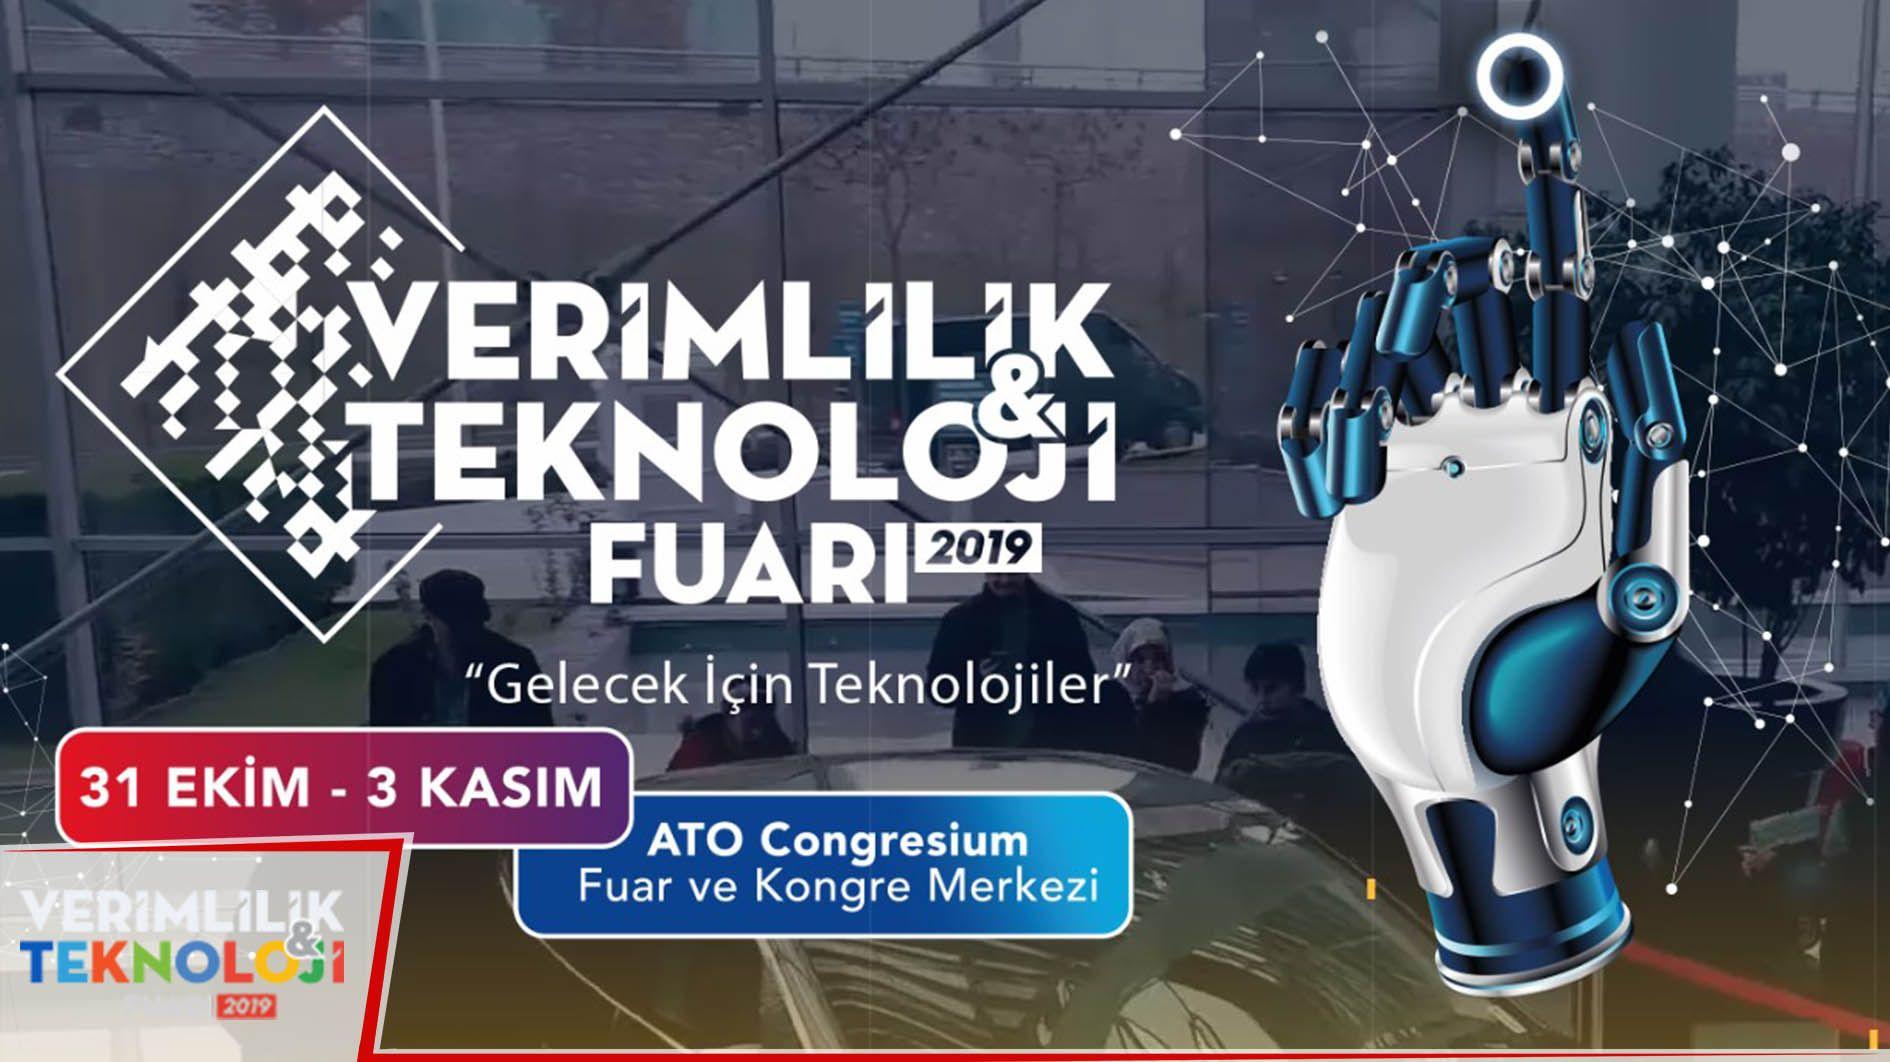 2.Verimlilik ve Teknoloji Fuarı 2019 Ankara